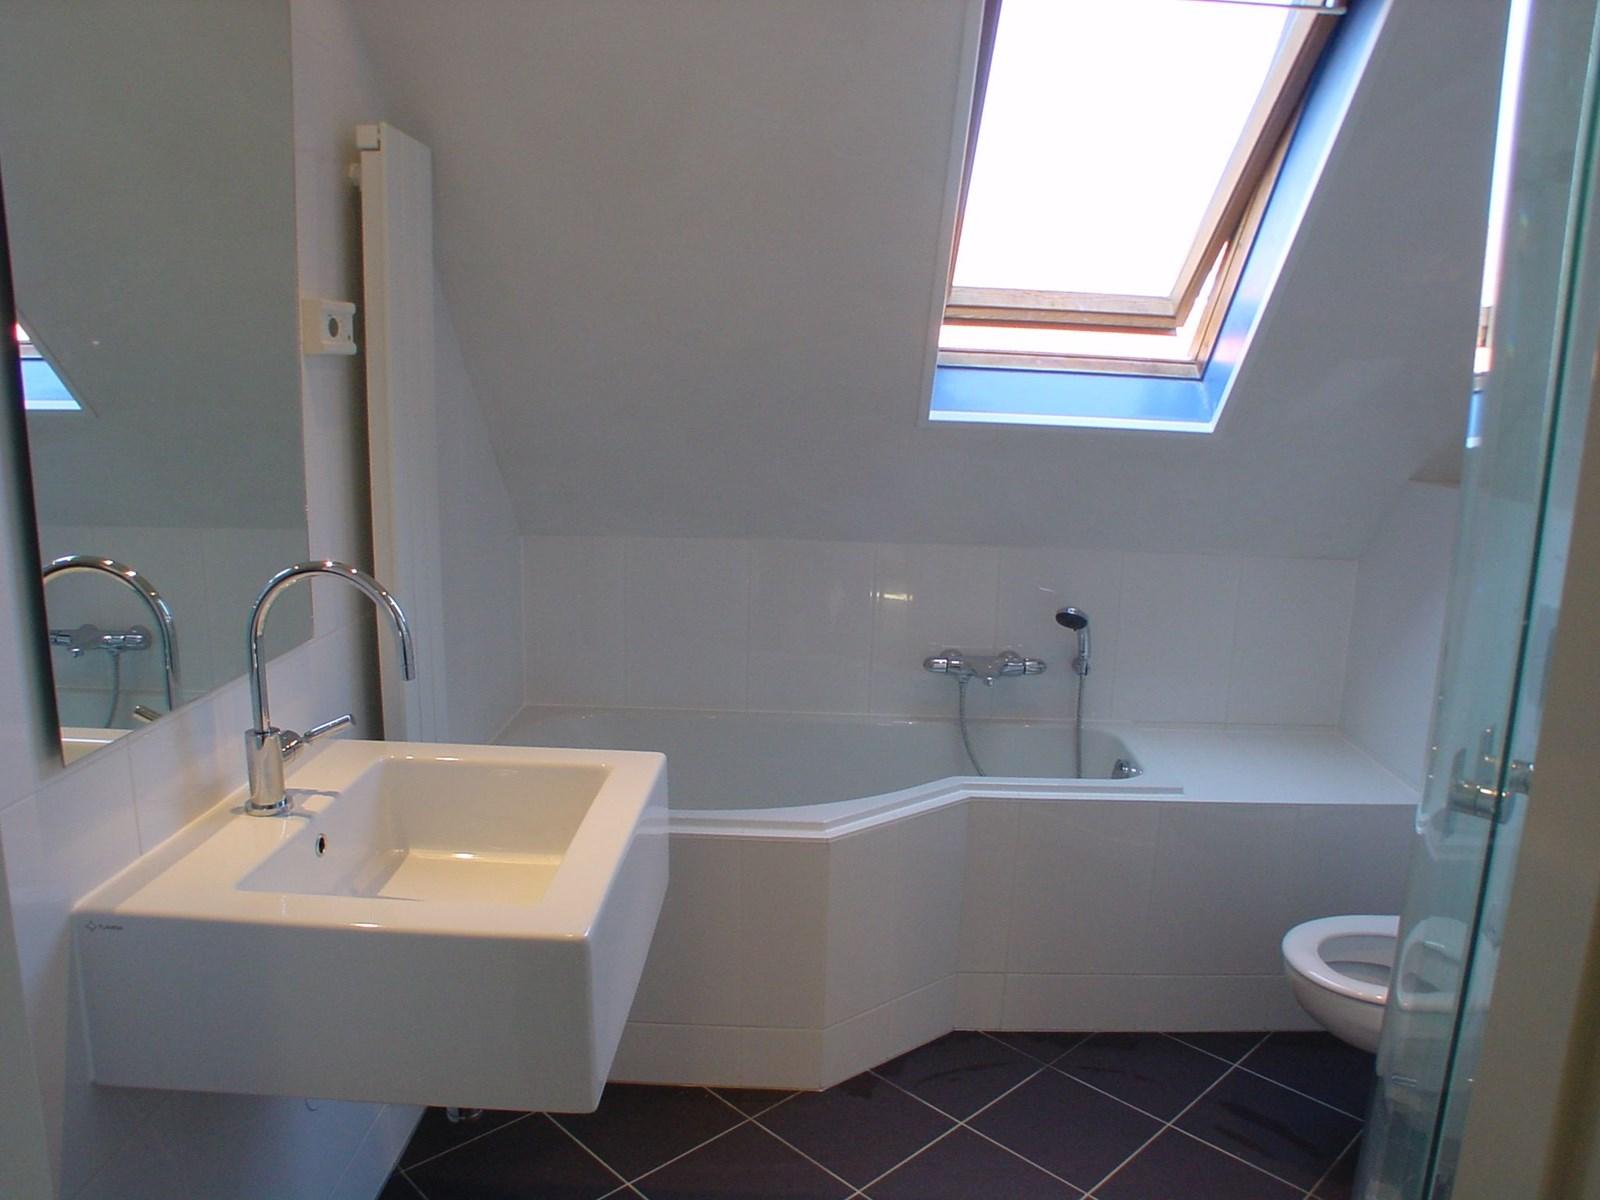 Nieuwe badkamer - Erik de Graaf Badkamer Design